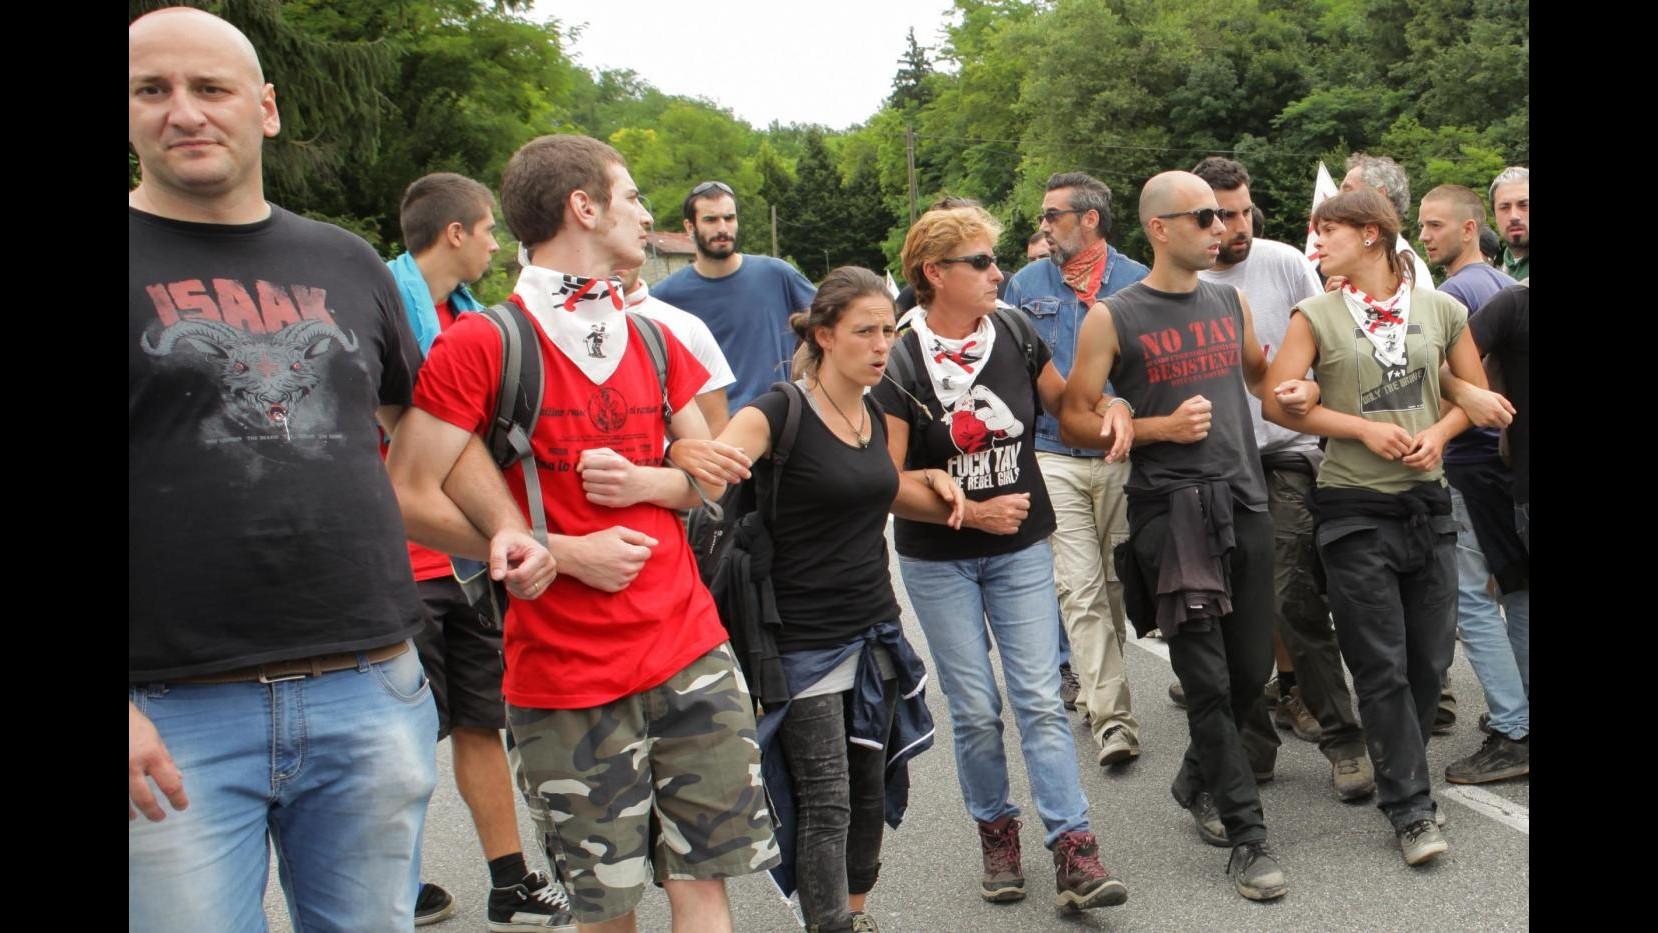 No Tav, attivisti occupano cantiere Terzo Valico nell'alessandrino